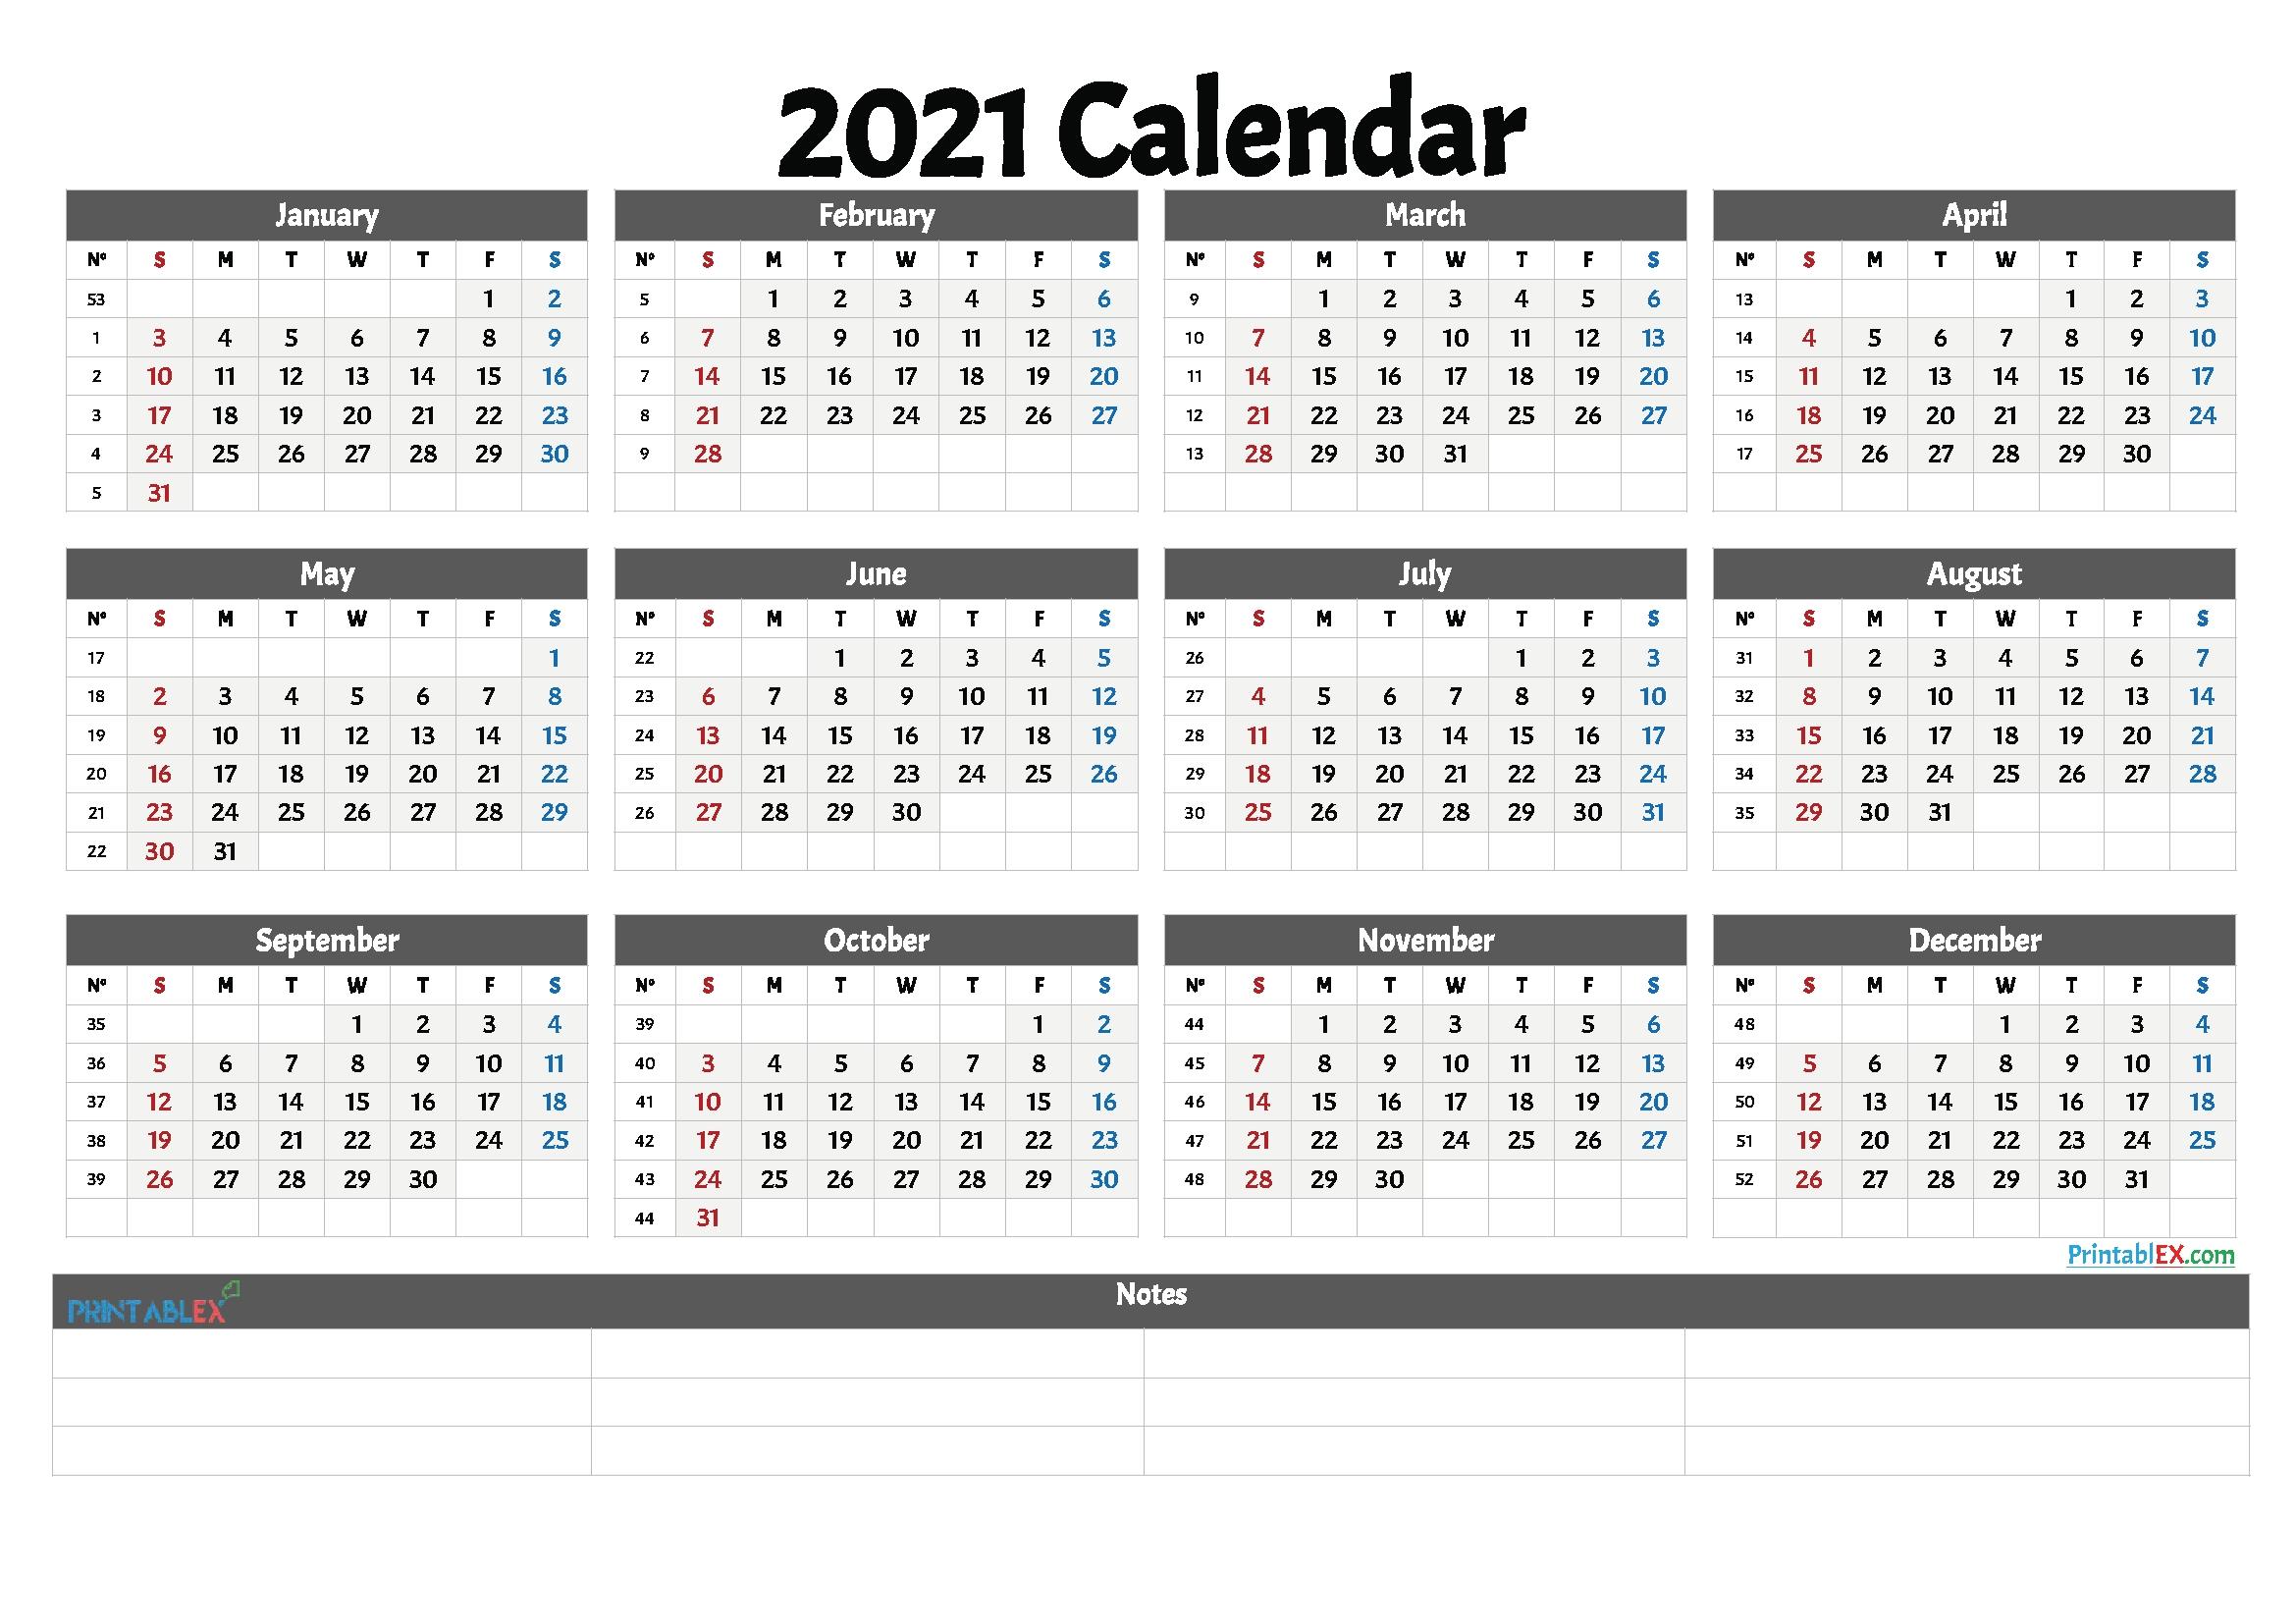 Calendar 2021Week | Calendar Printables Free Templates intended for 2021 Weekly Calendars Printable Free